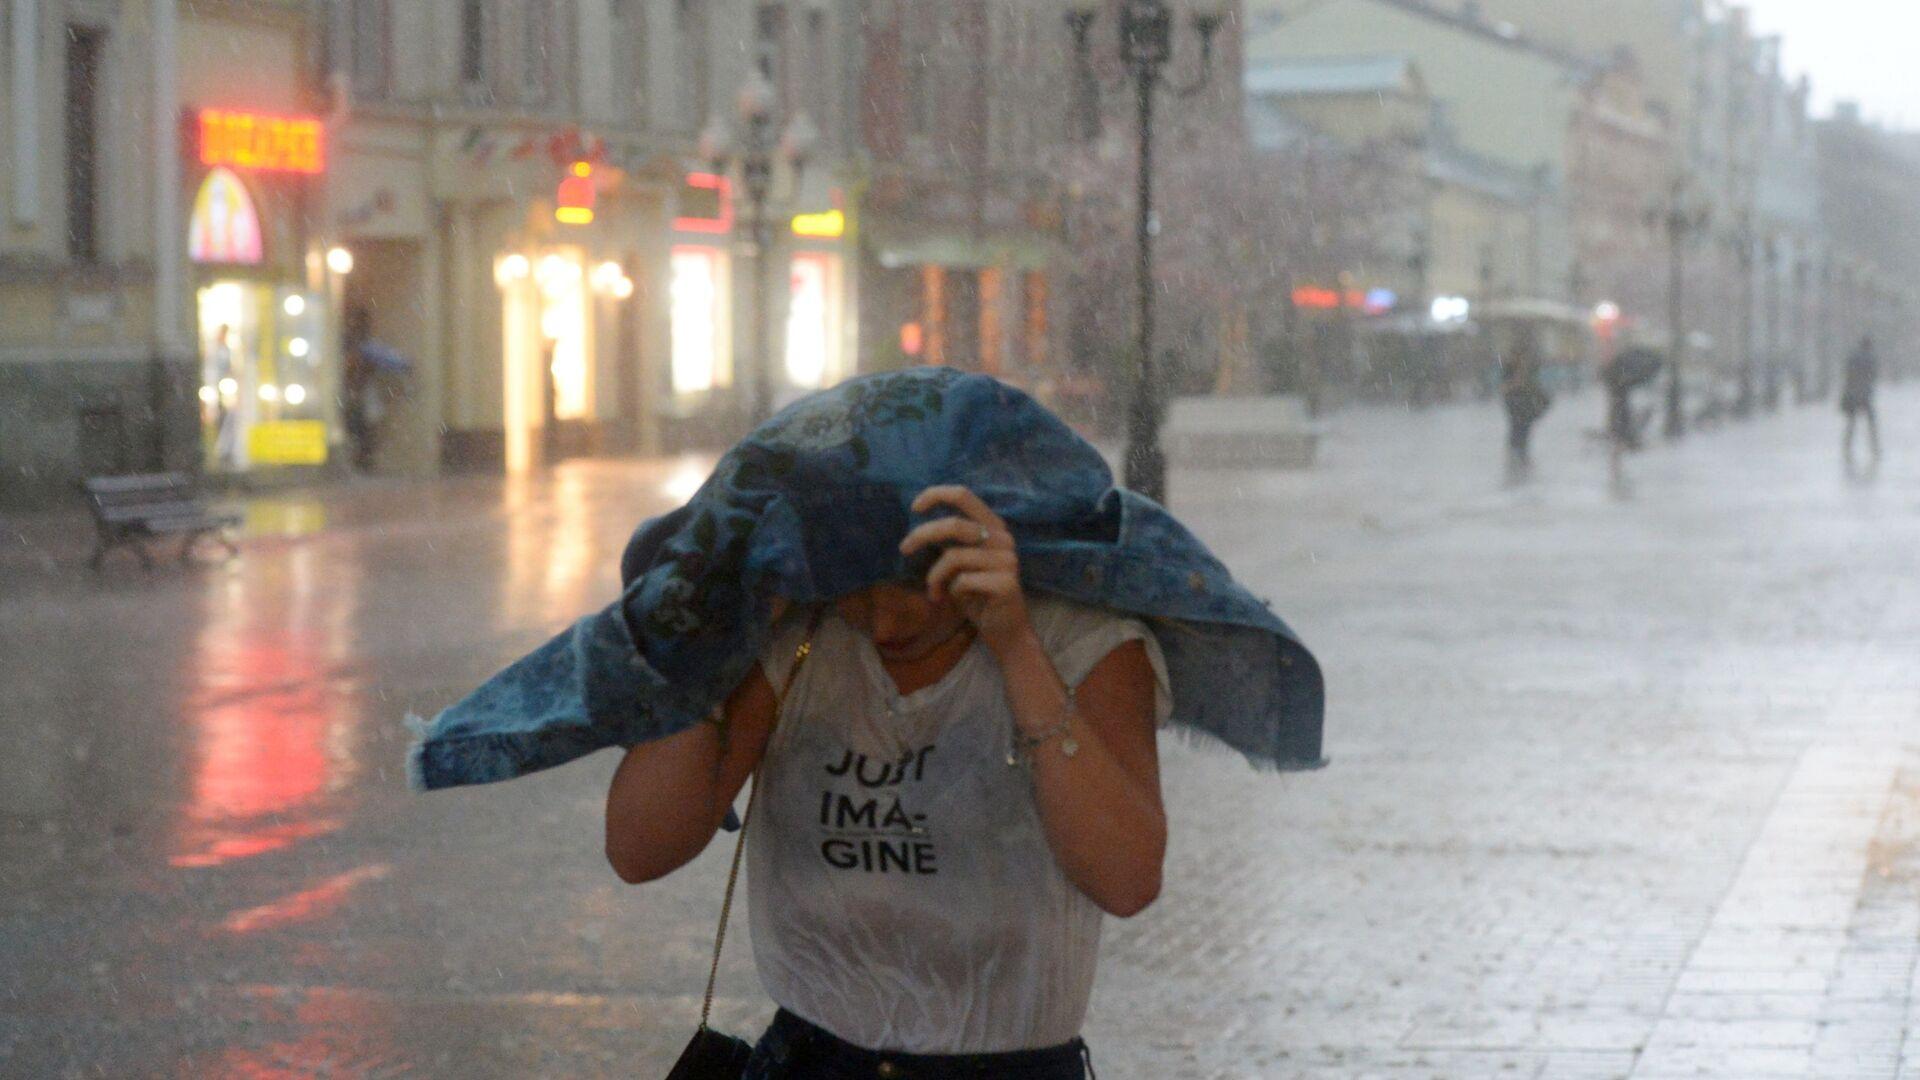 Dívka během deště - Sputnik Česká republika, 1920, 07.06.2021